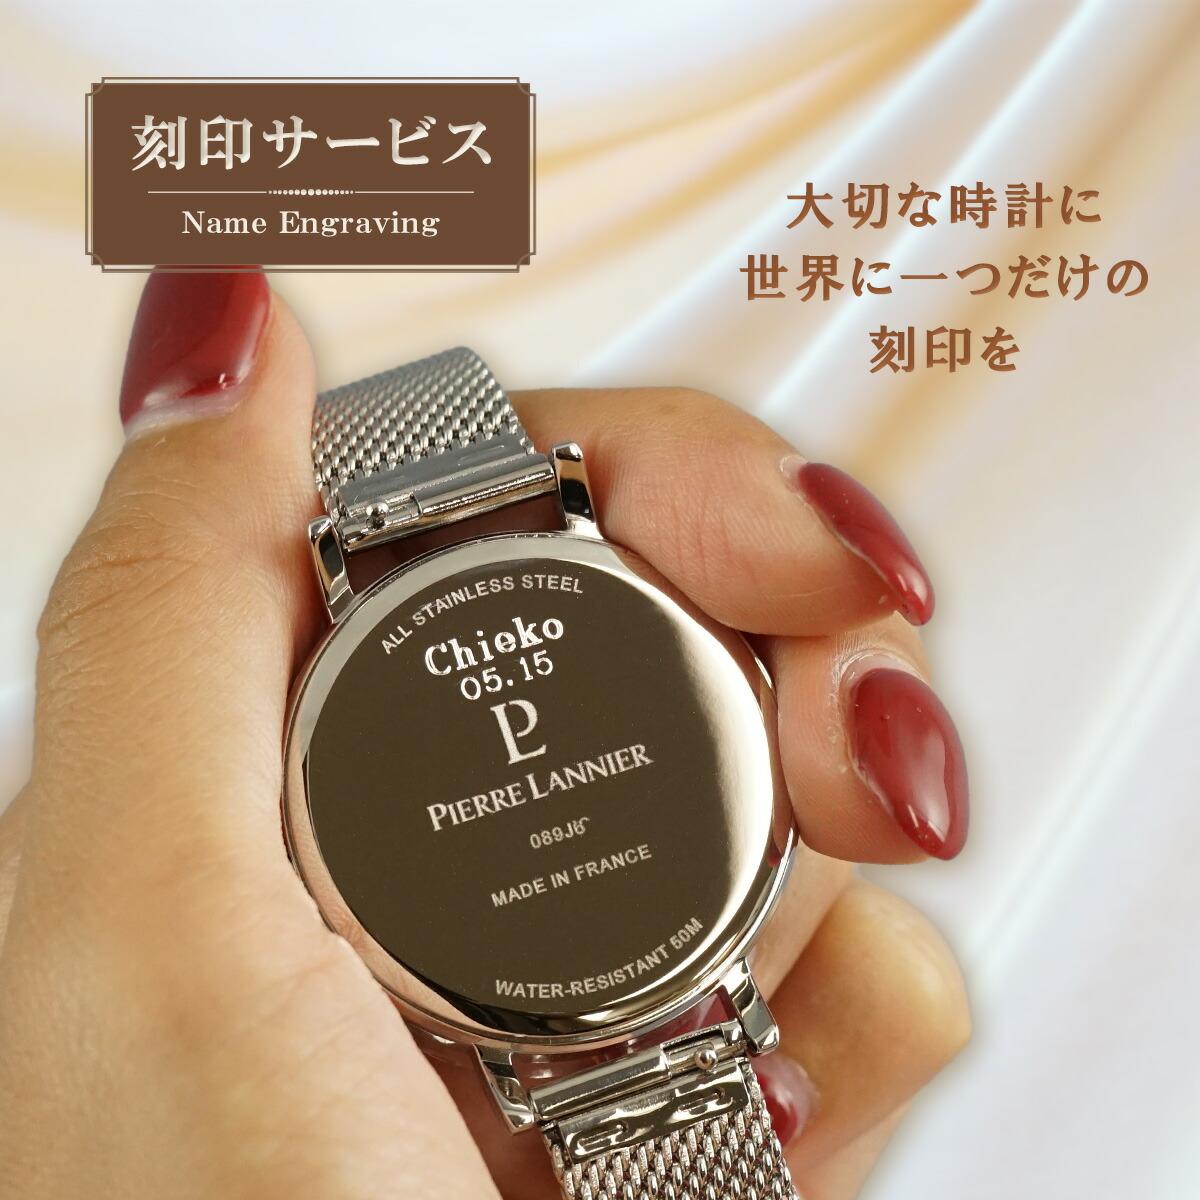 ピエールラニエ 刻印サービス 世界で一つの腕時計 プレゼント 贈り物 24-2 ペアウォッチ 名入れ お祝い